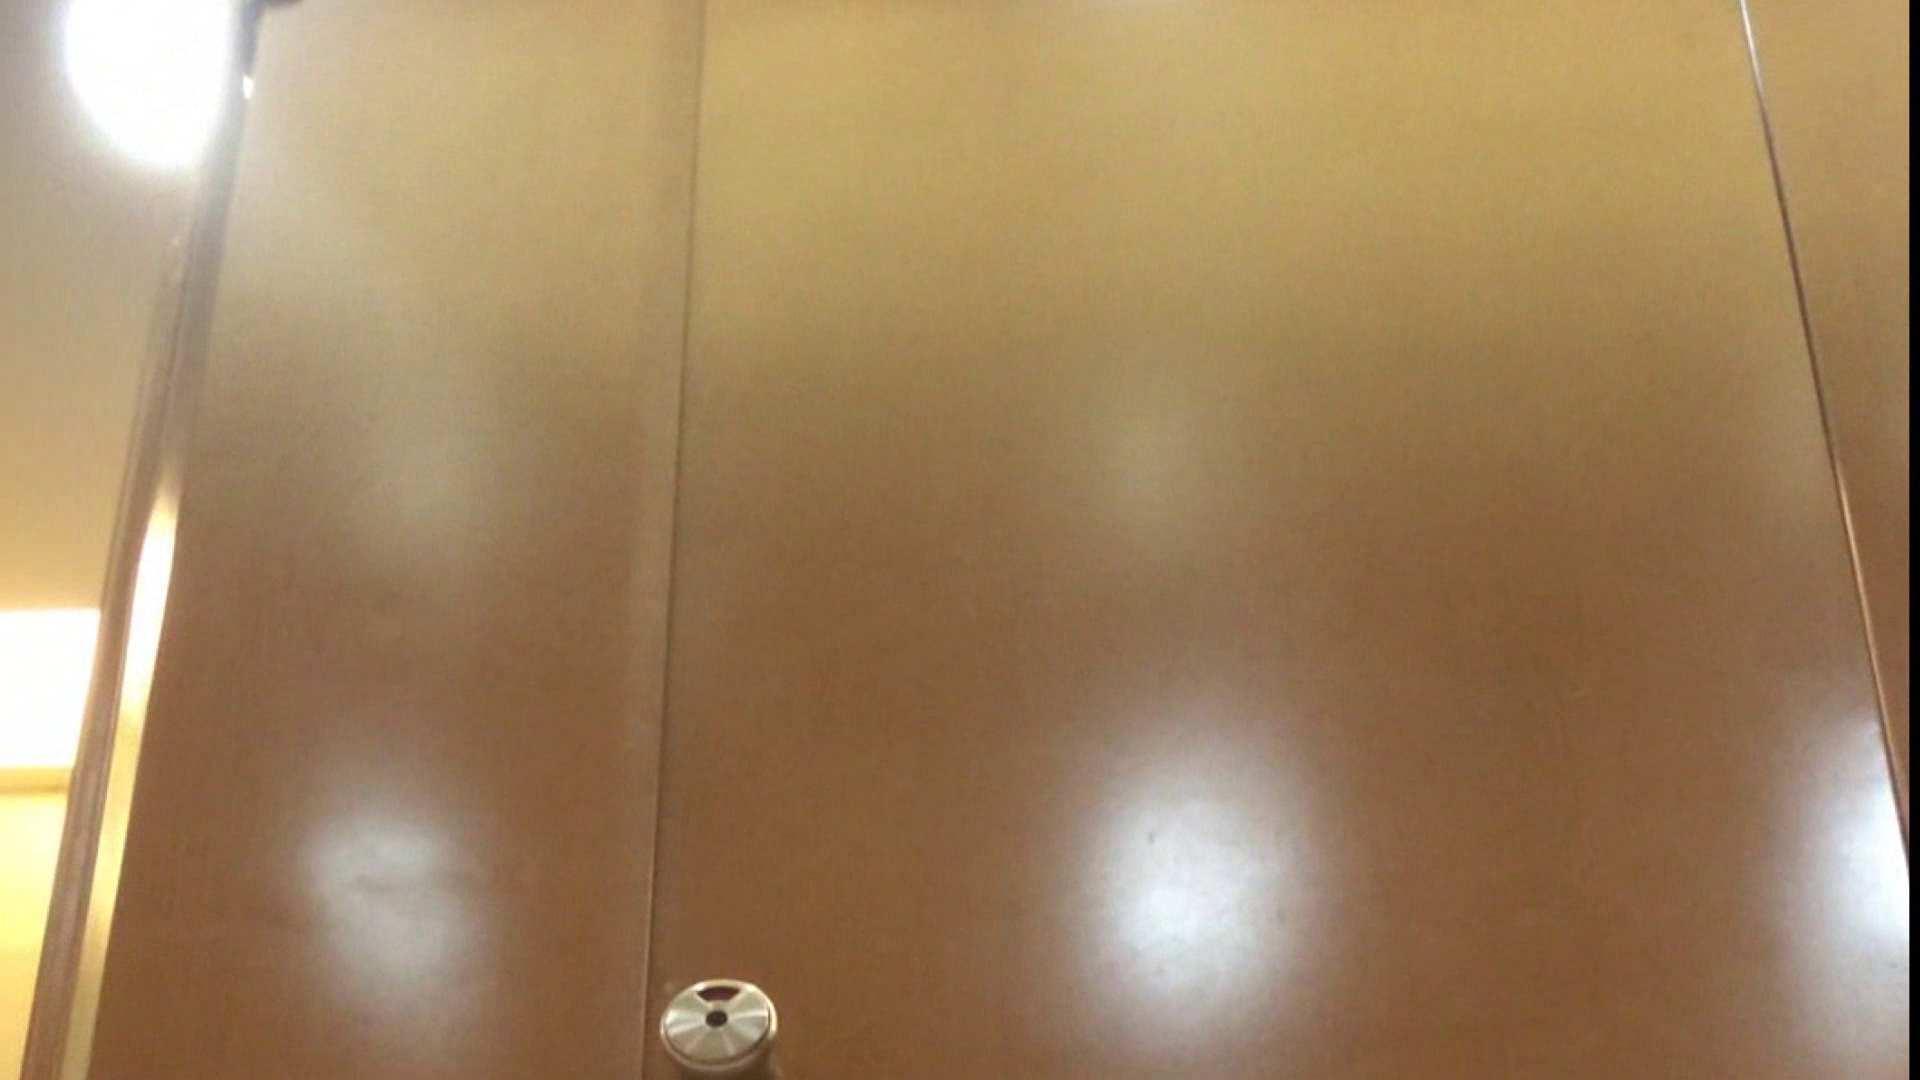 「噂」の国の厠観察日記2 Vol.01 綺麗なOLたち すけべAV動画紹介 60枚 8